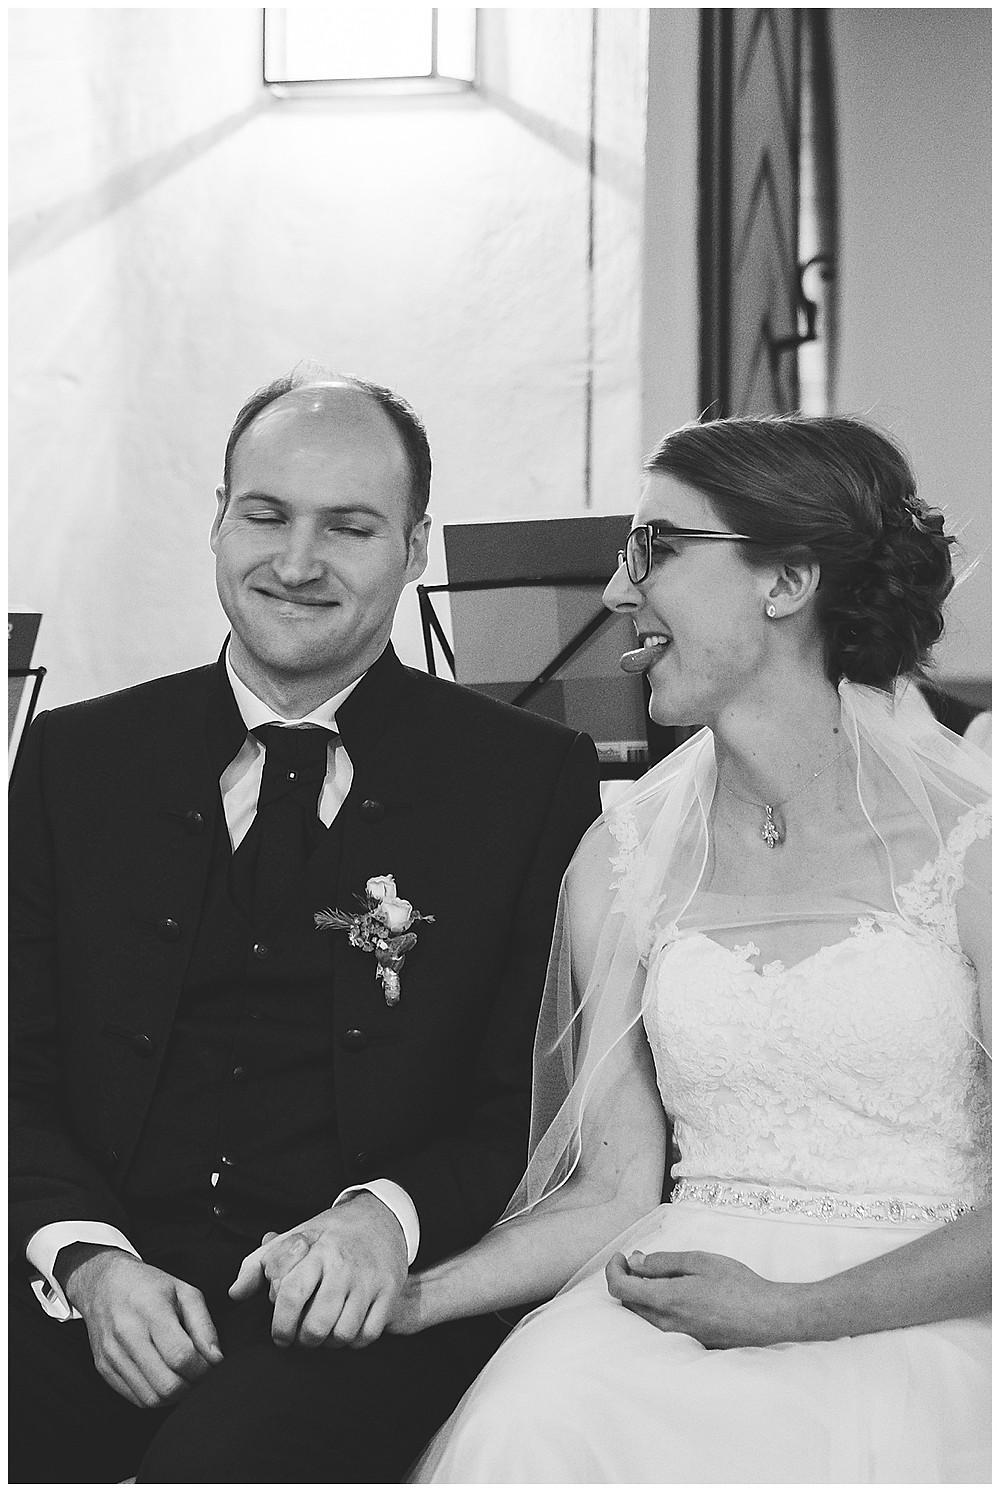 Brautpaar scherzt in Kirche bei Hochzeit